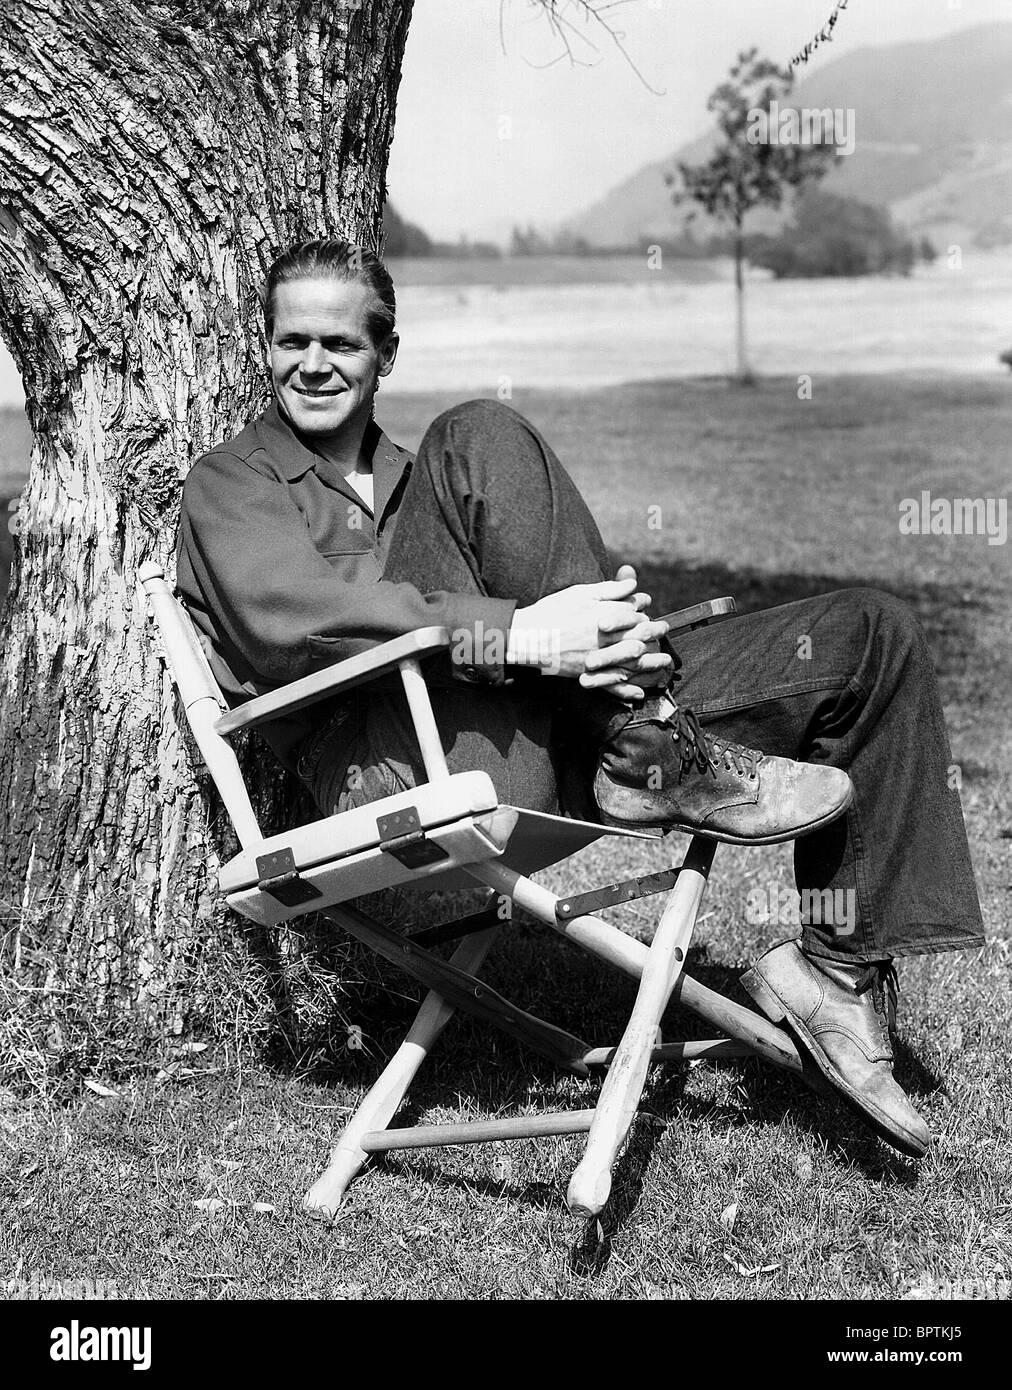 DAN DURYEA ACTOR (1941) - Stock Image